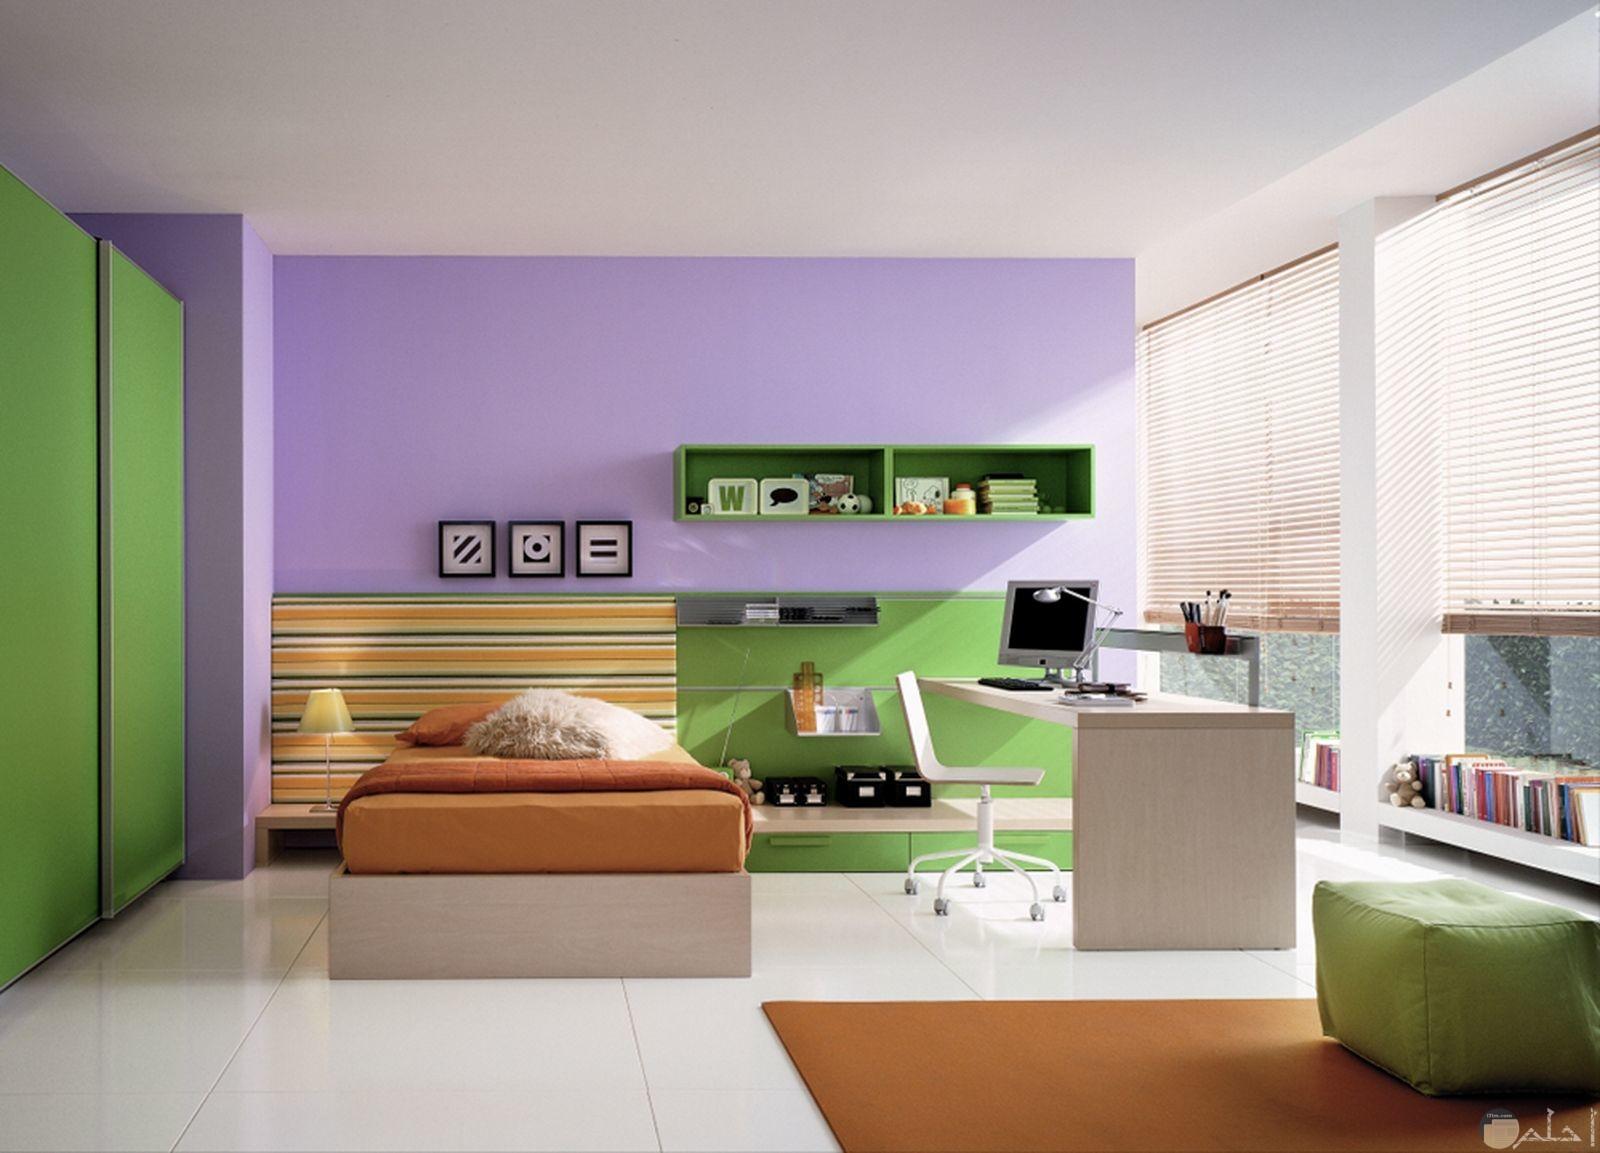 غرفة نوم جميلة وهادئة للأطفال مع تناسق الألوان فيها